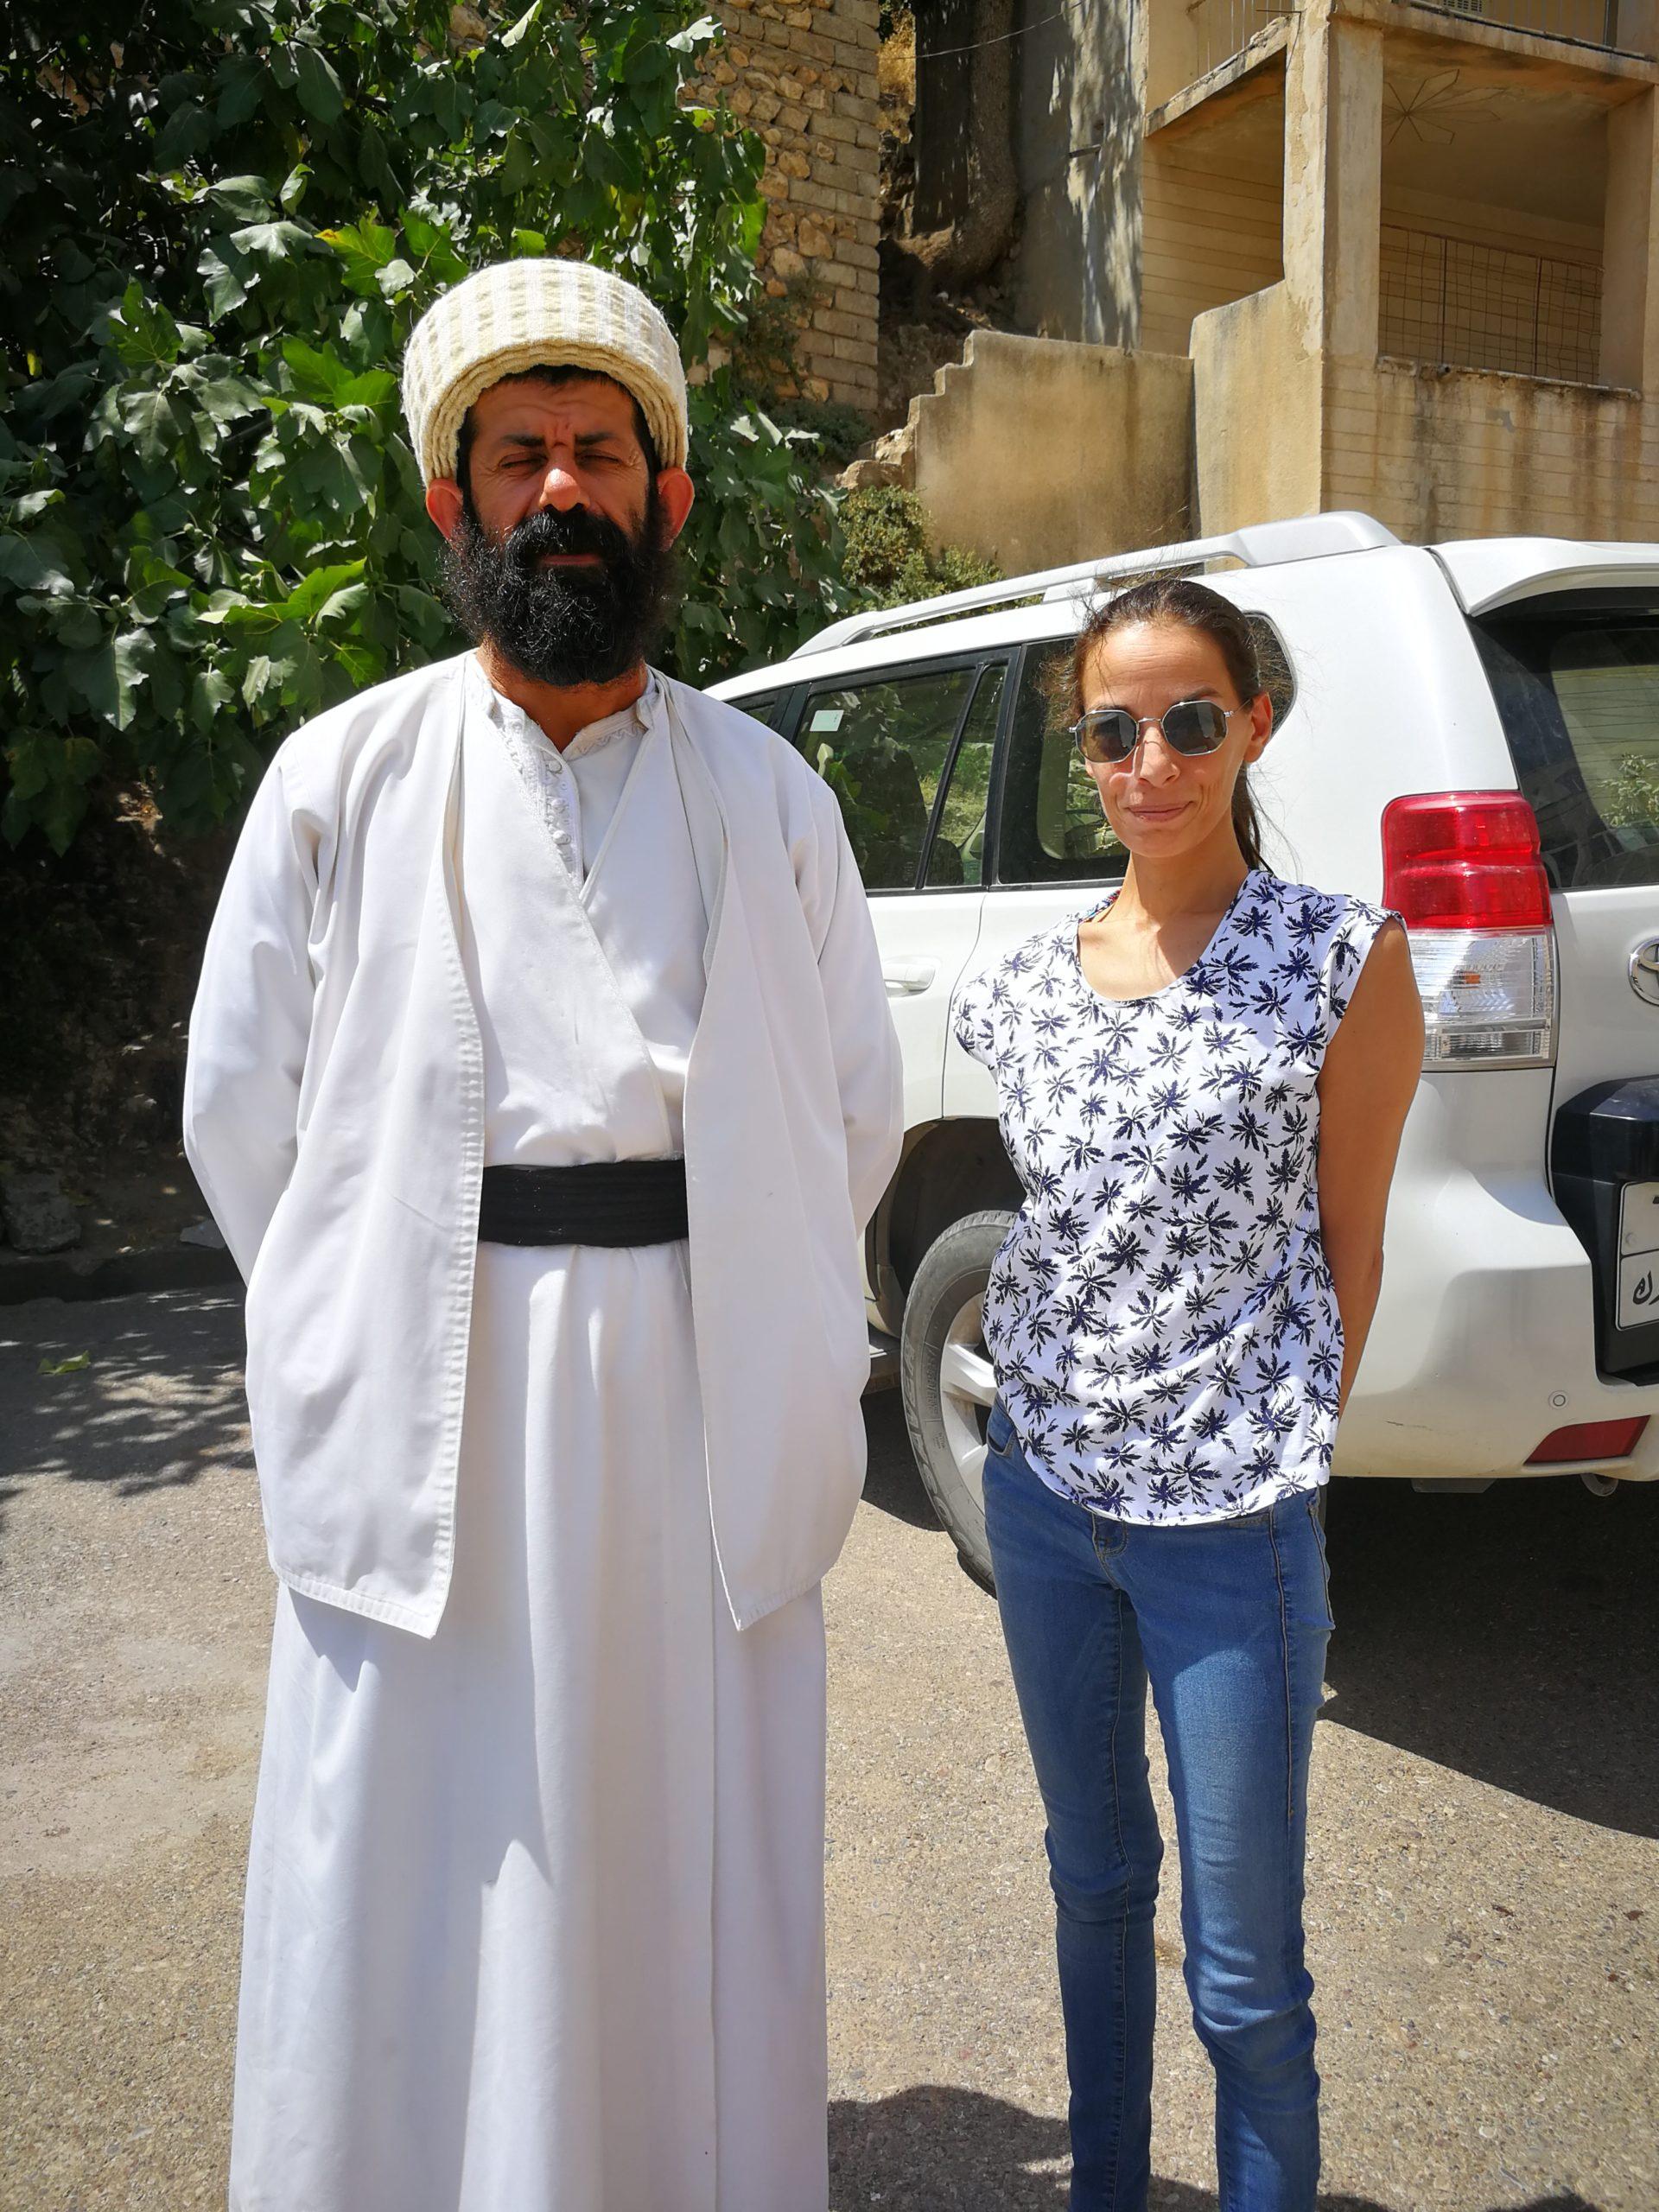 Nadine Papai mit Baba Chawish, ein jesidischer spiritueller Führer im Lalisch-Tempel